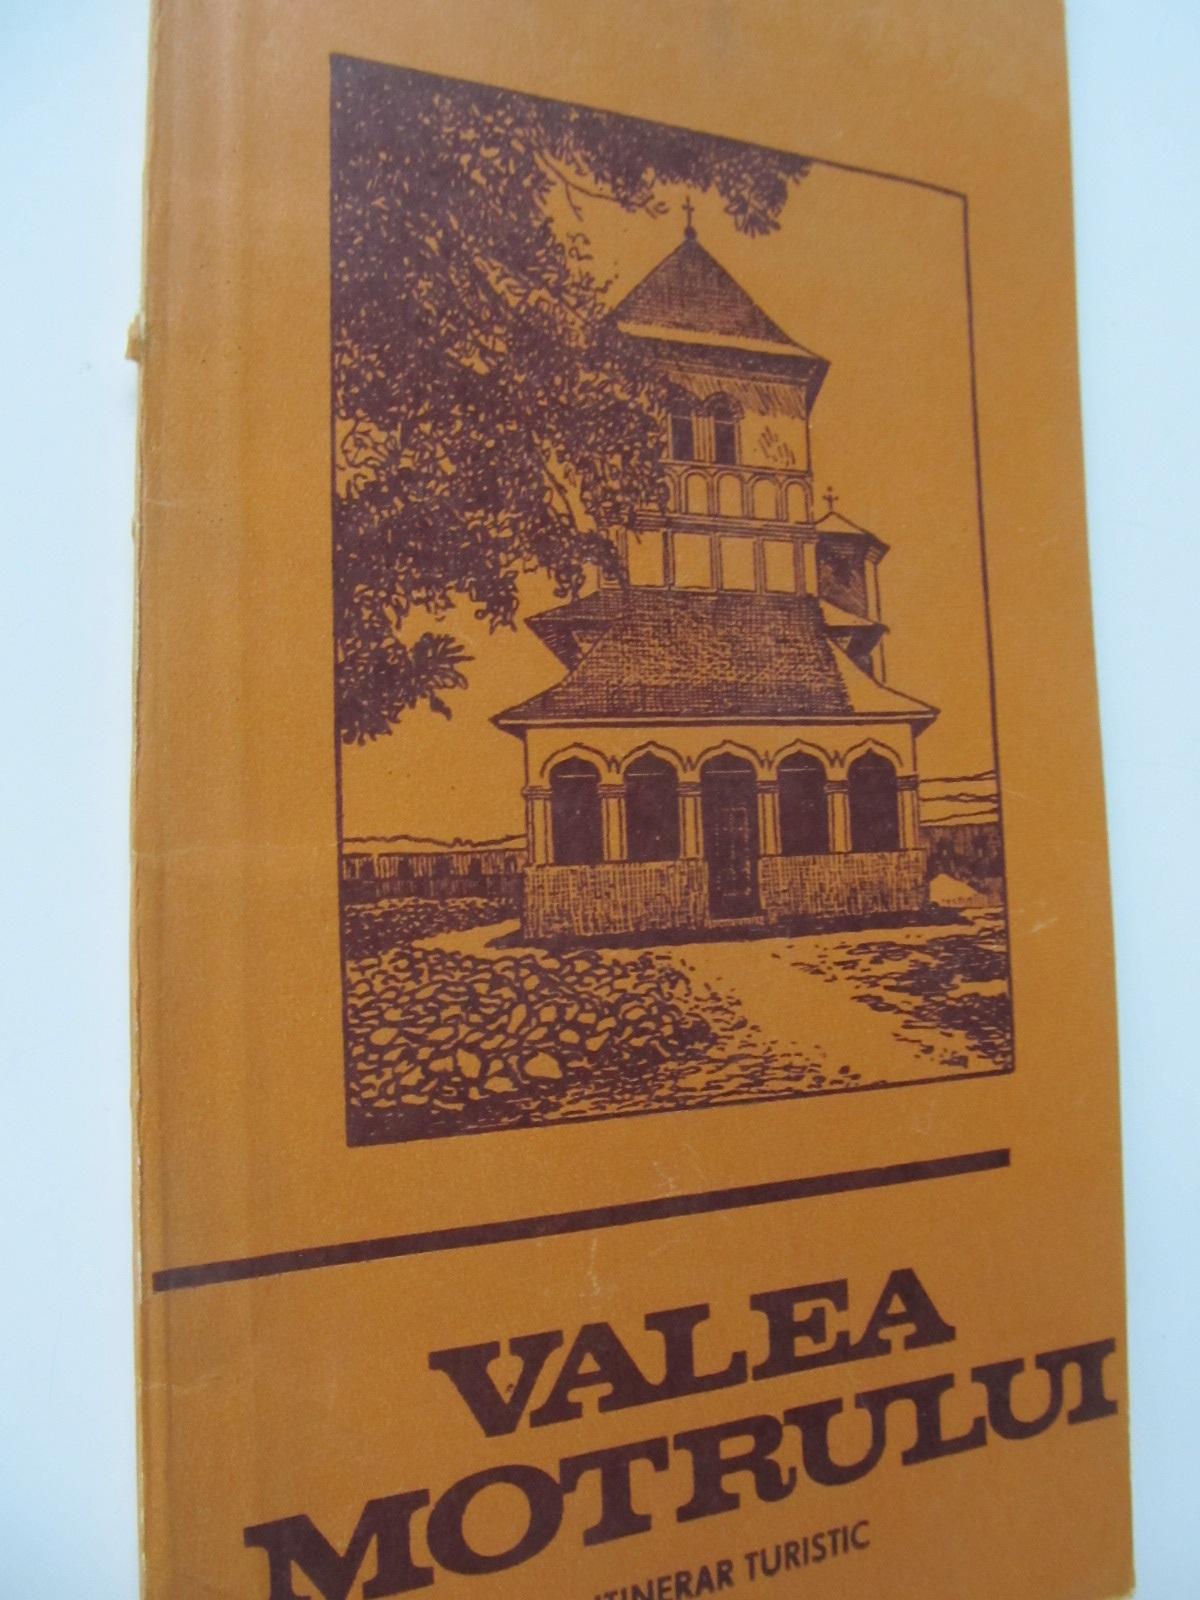 Valea Motrului - Itinerar turistic - Ion Al. Florescu | Detalii carte